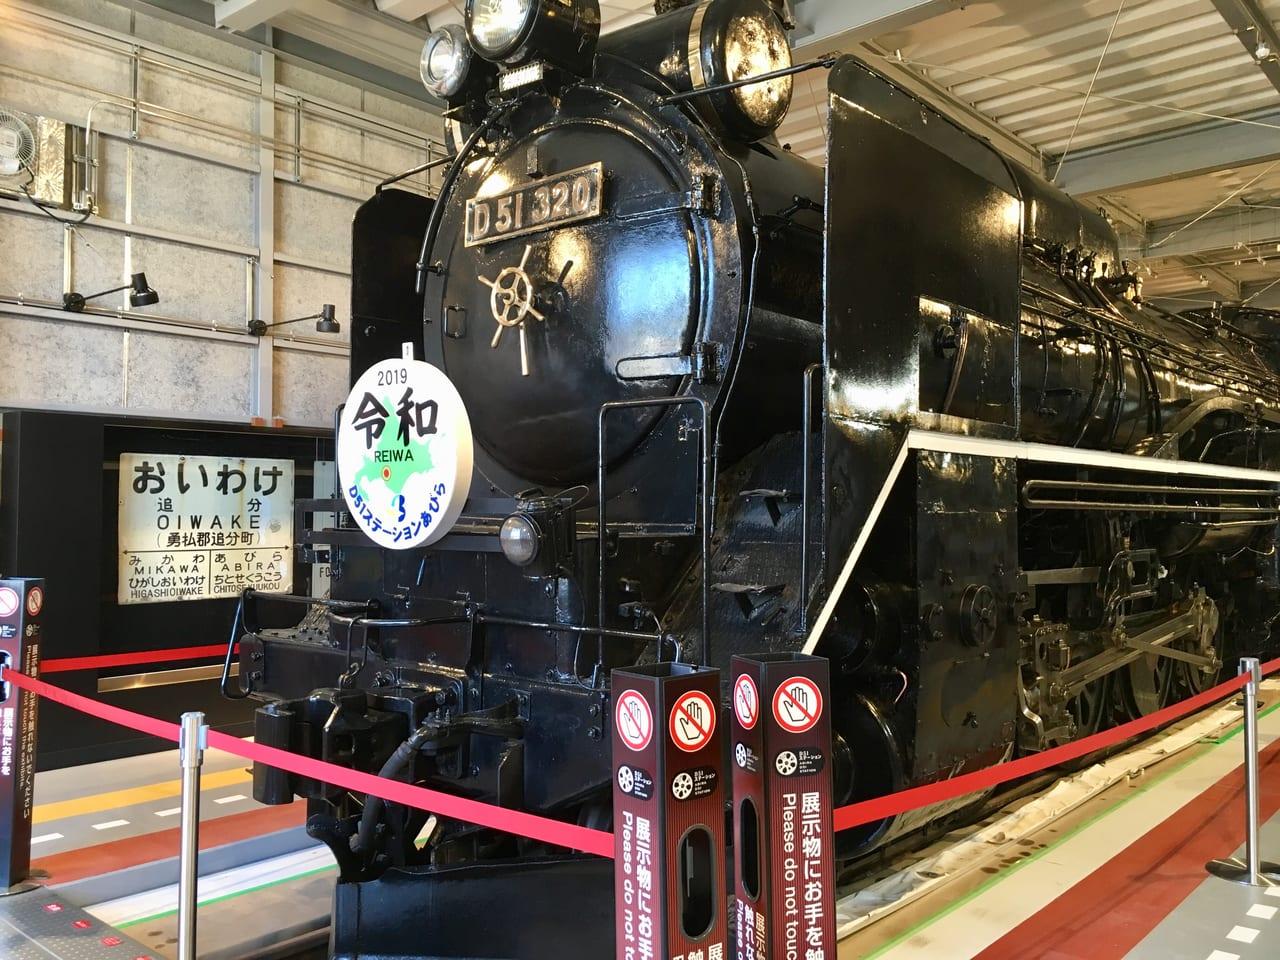 鉄道資料館にて展示されている蒸気機関車